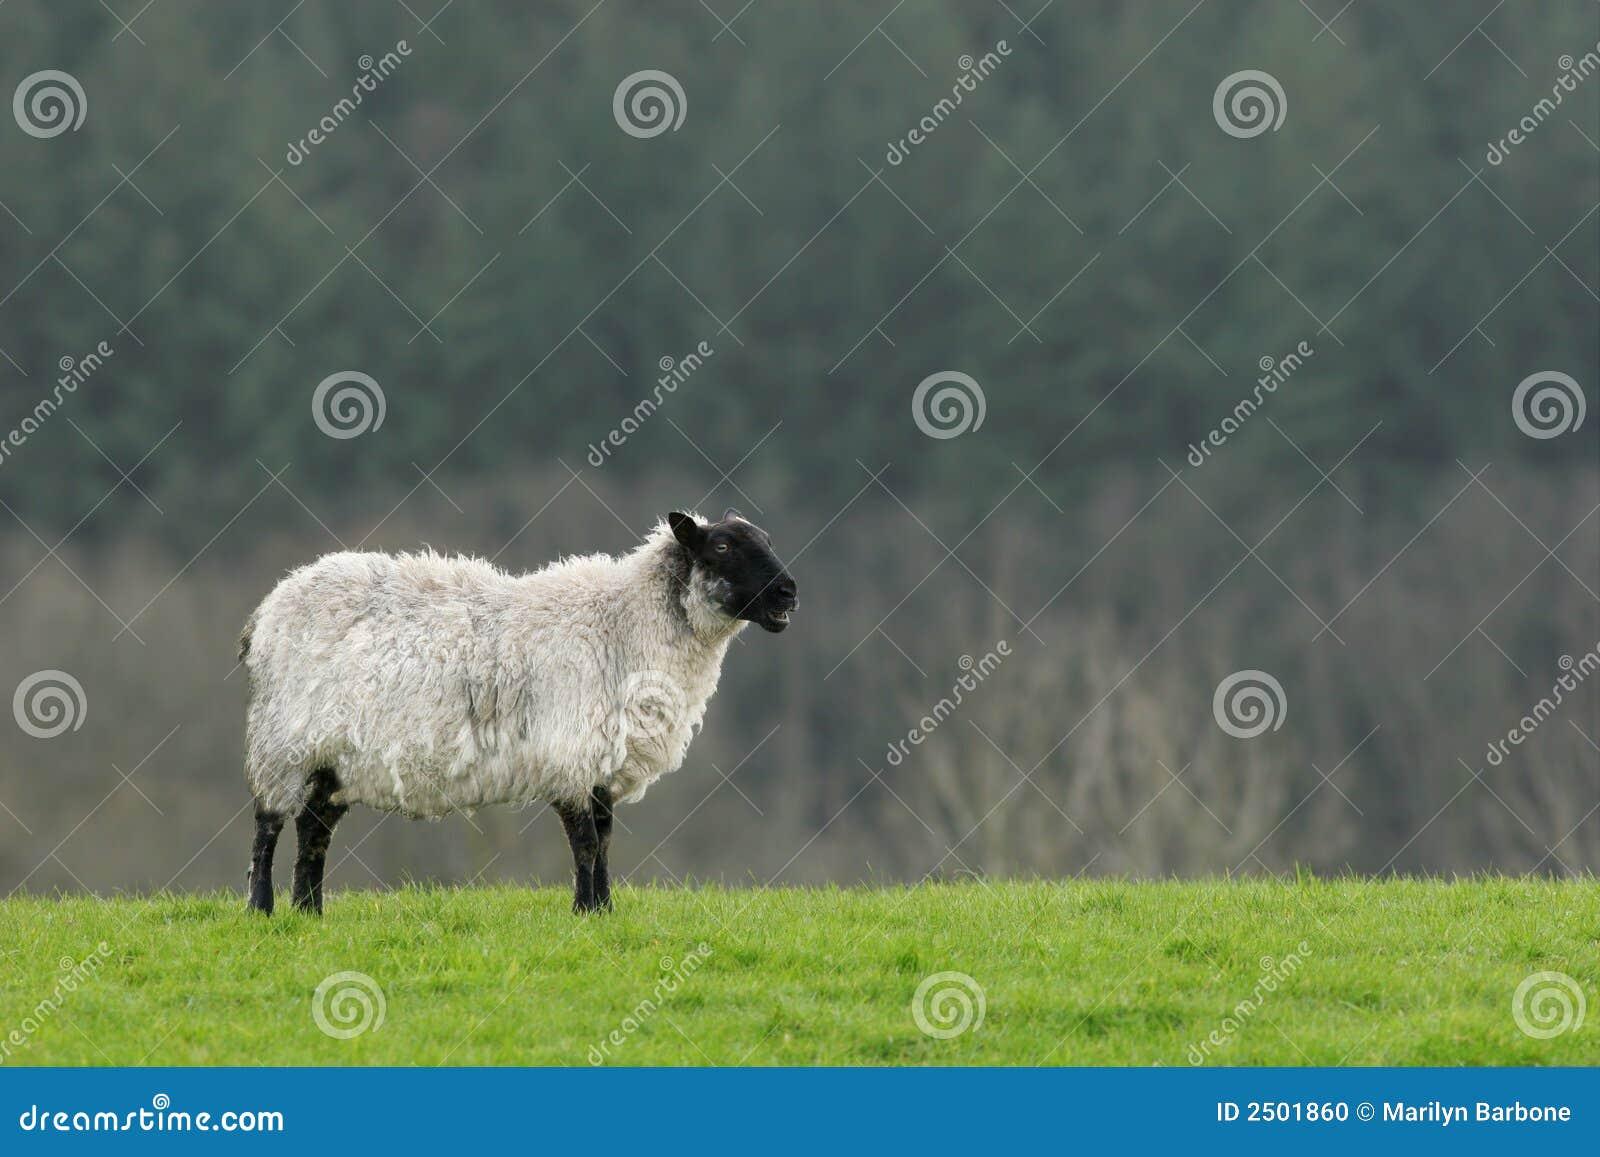 Lonesome Sheep